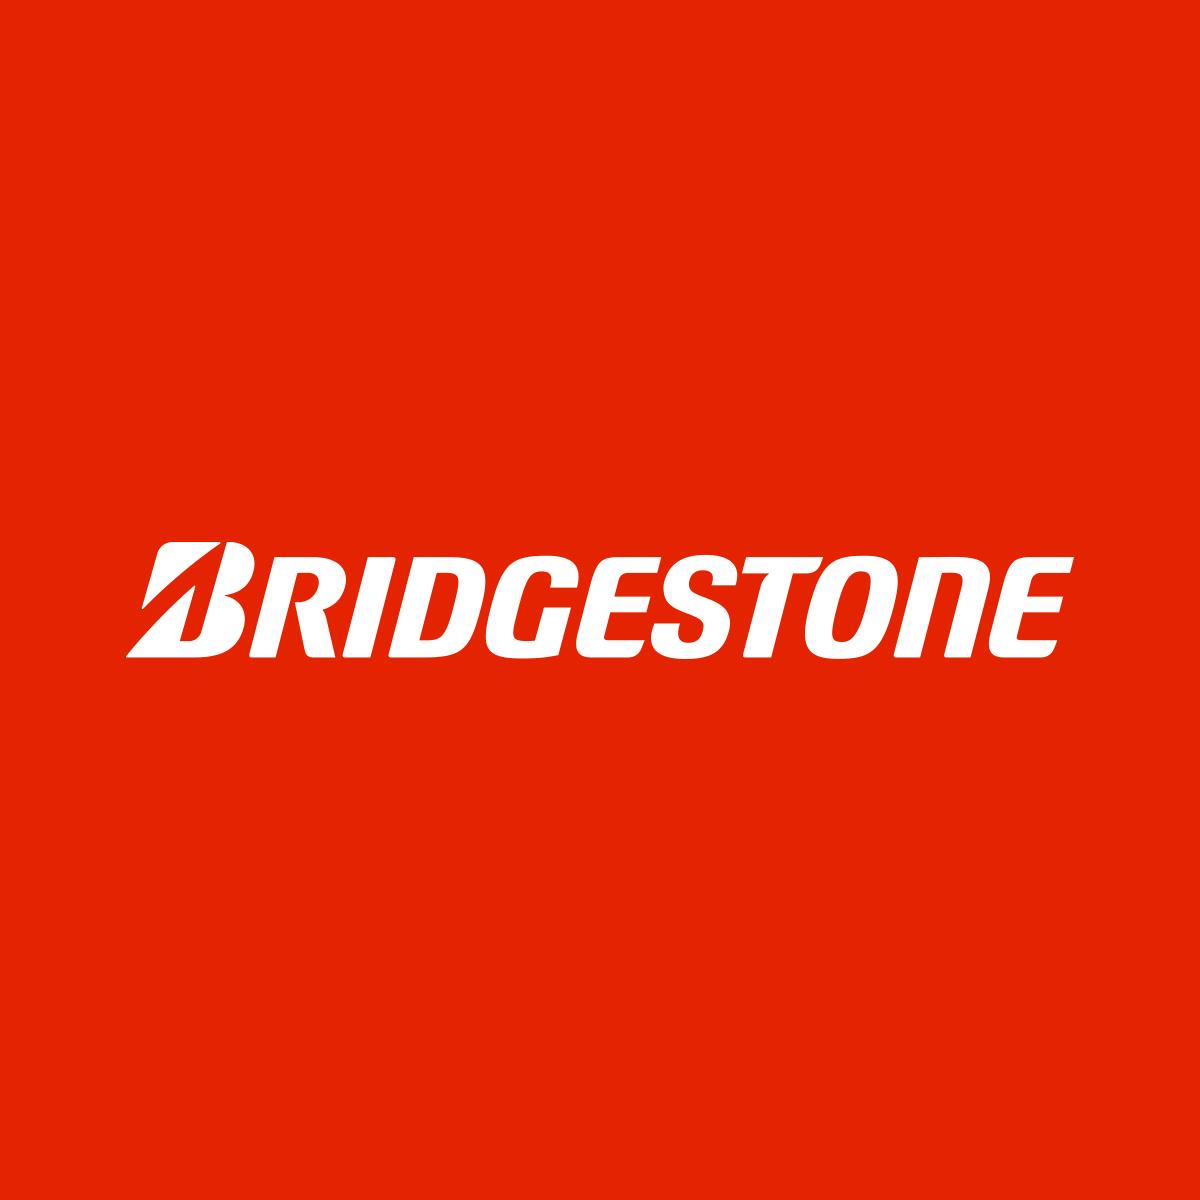 Giá ưu đãi khuyến mãi tháng 5 từ Bridgestone